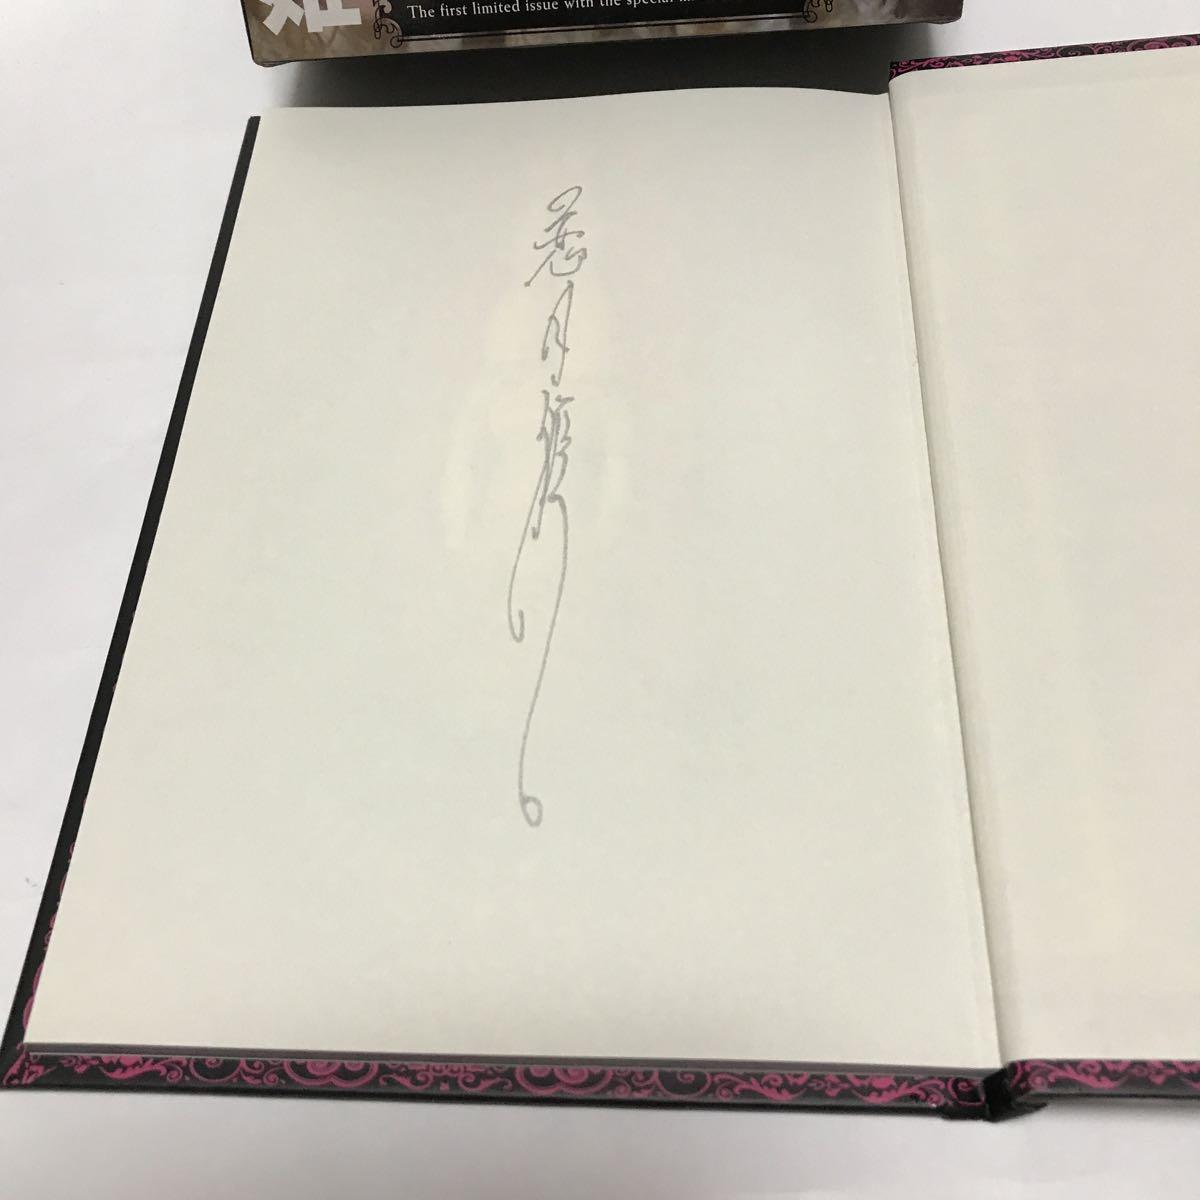 人形月 恋月姫 限定特装版 写真集 サイン本 ミニチュアフィギュア付き 新品同様美品_画像3